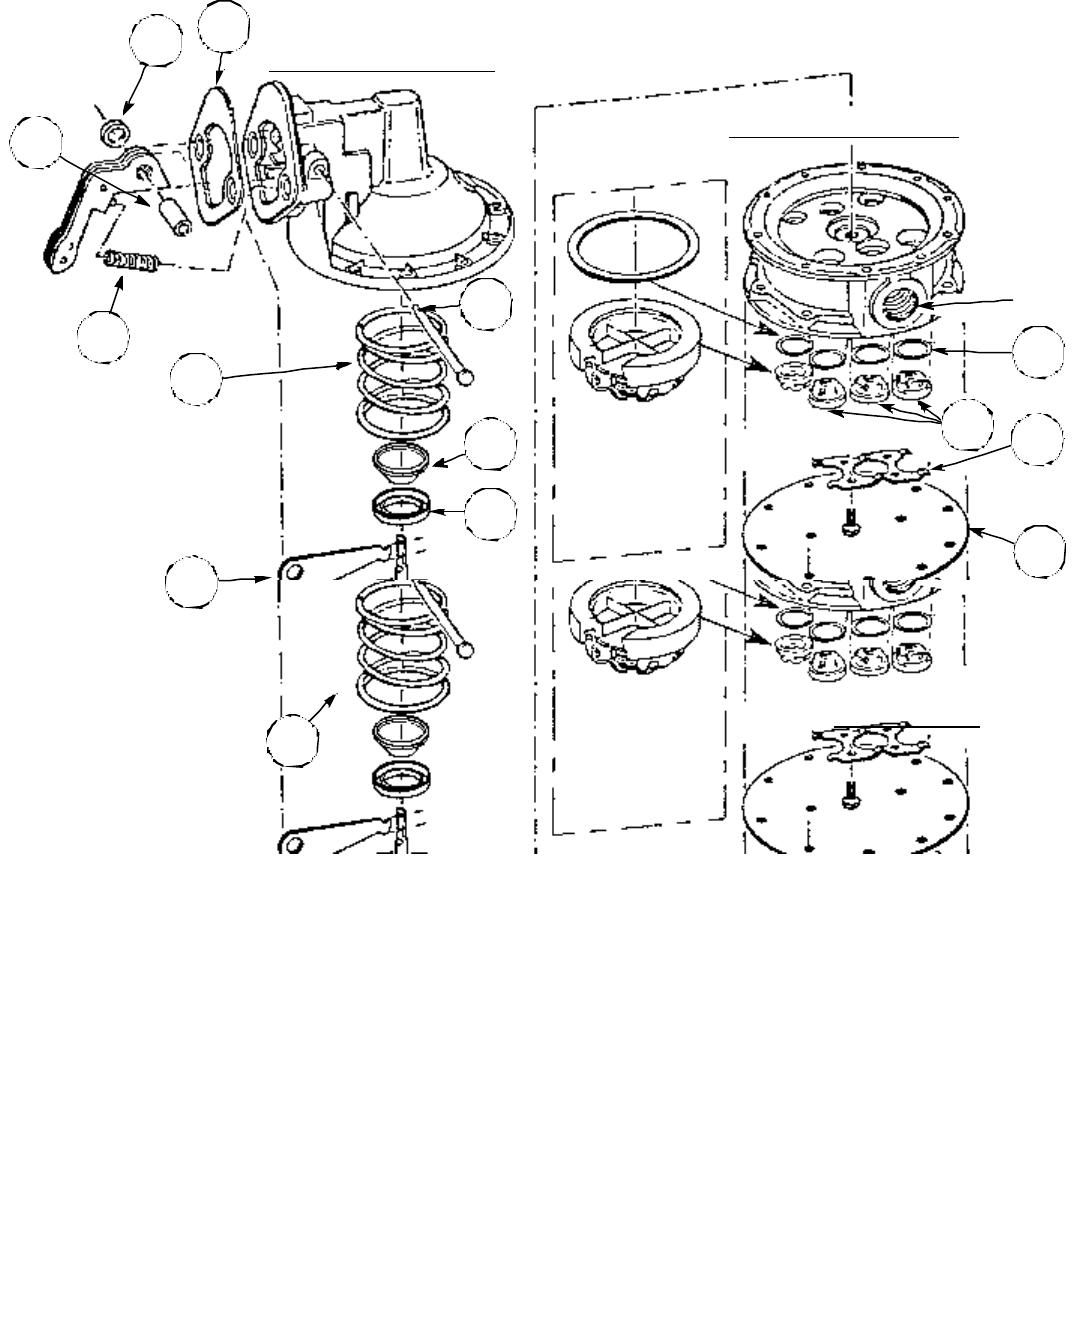 Edelbrock 1799 Users Manual Fuel Pump Repair Kit For 6